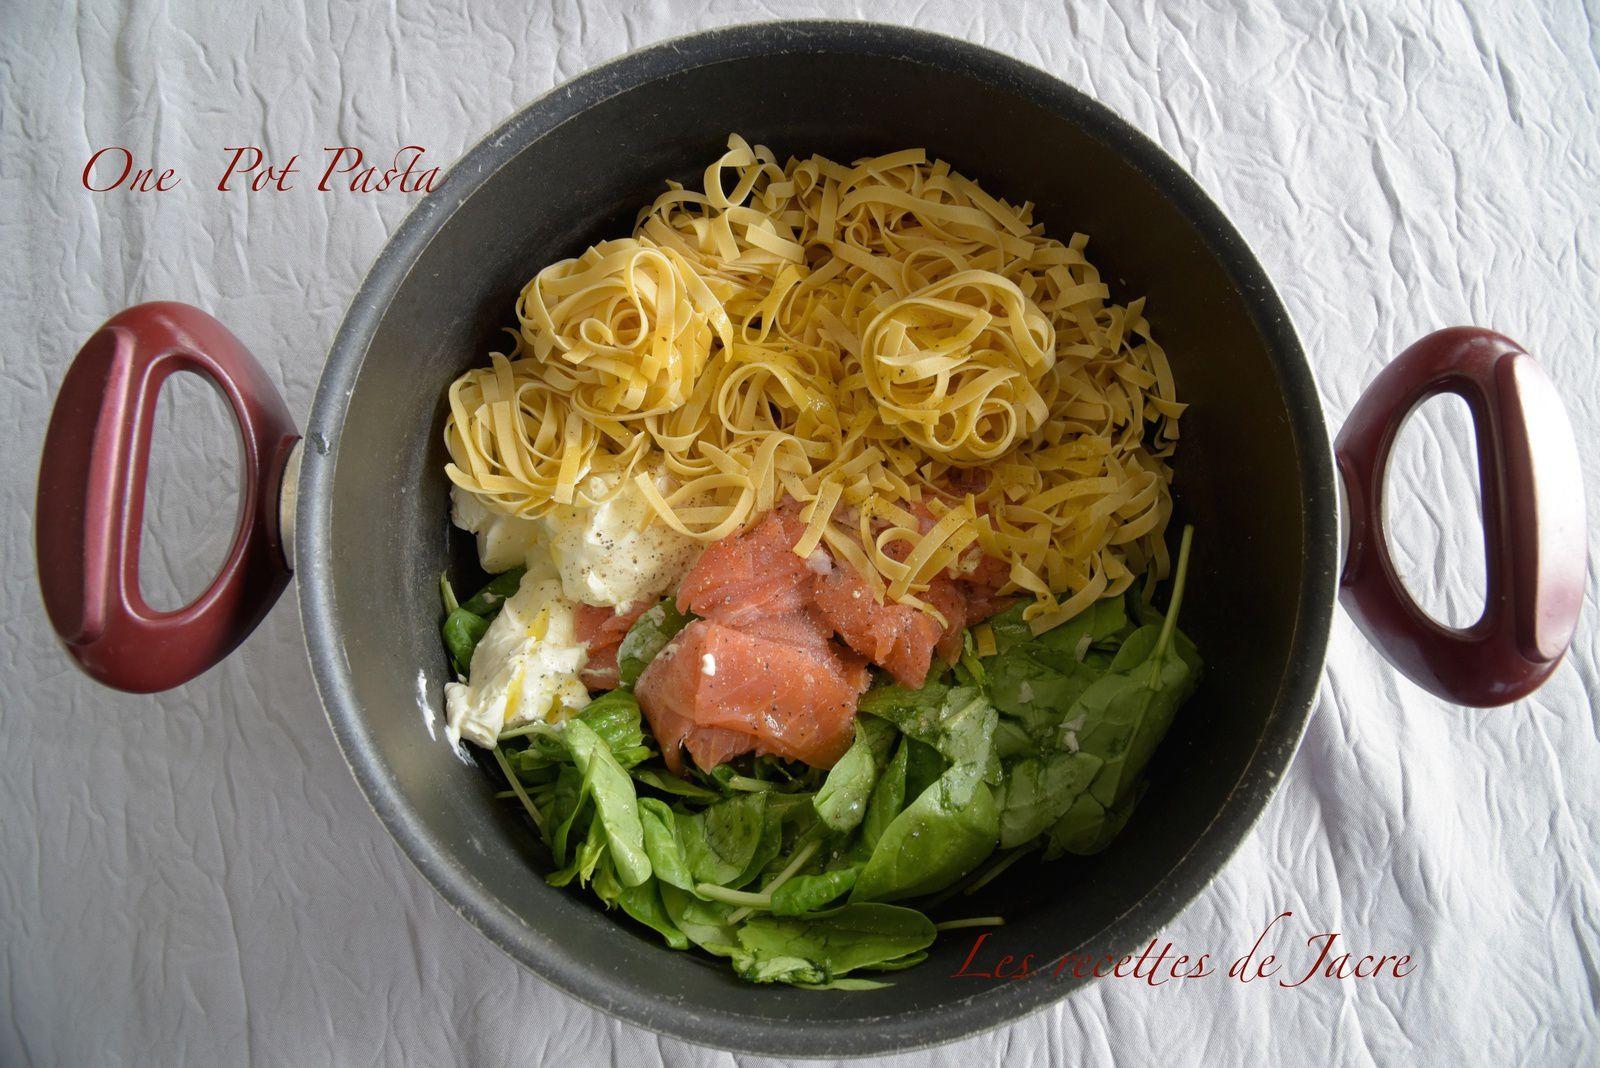 One Pot Pasta / Epinards et saumon fumé